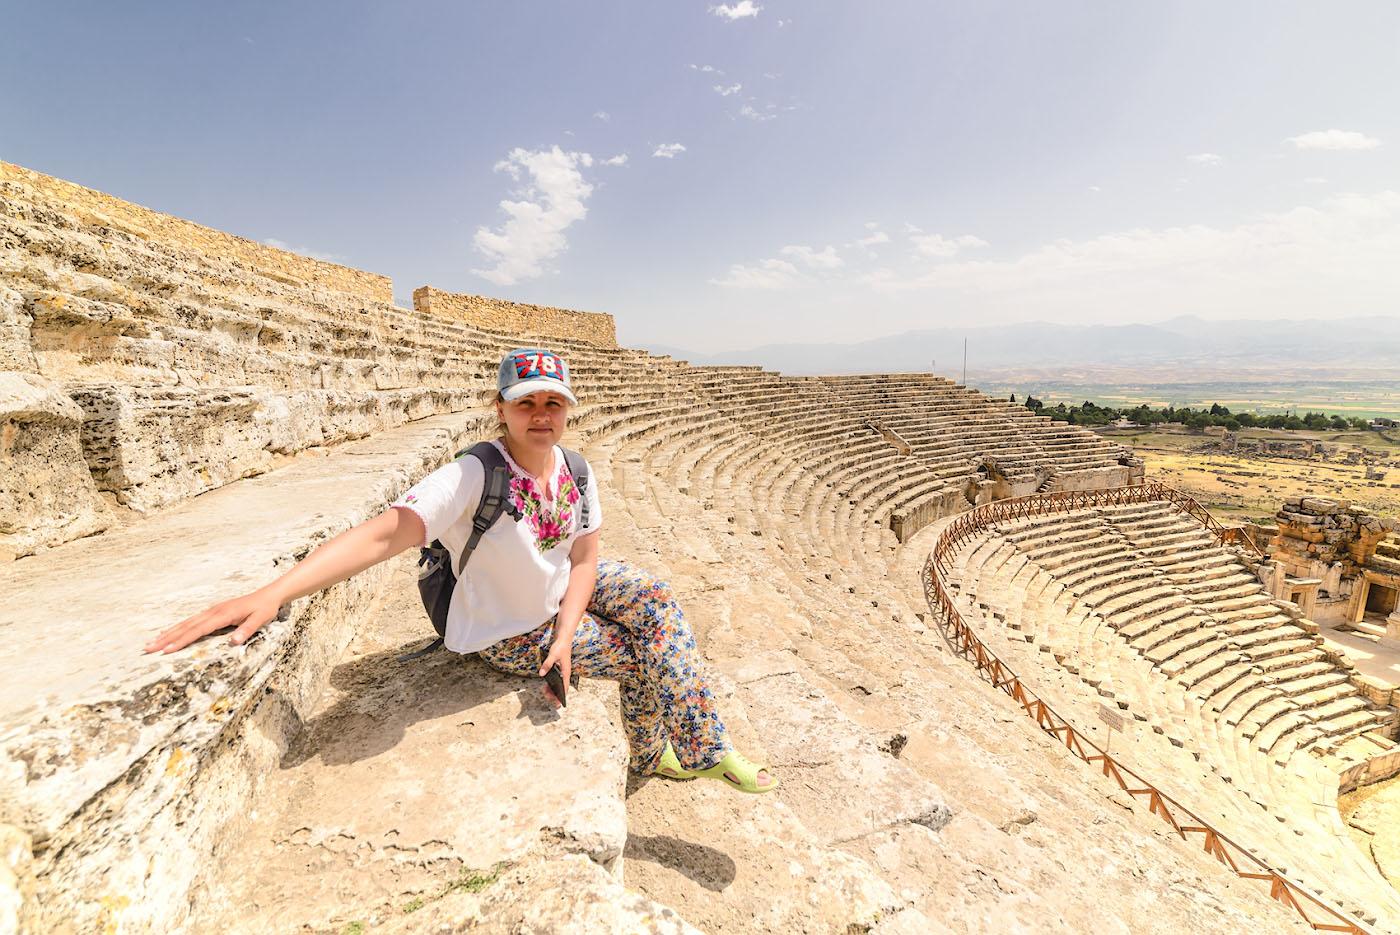 Фотография 18. Экскурсия в амфитеатр, построенный во II-III веках, реконструированный в 1960-2013 годах. Отчет о поездке в Иераполис, что находится в Памуккале в Турции. 1/320, 8.0, 100, 14.